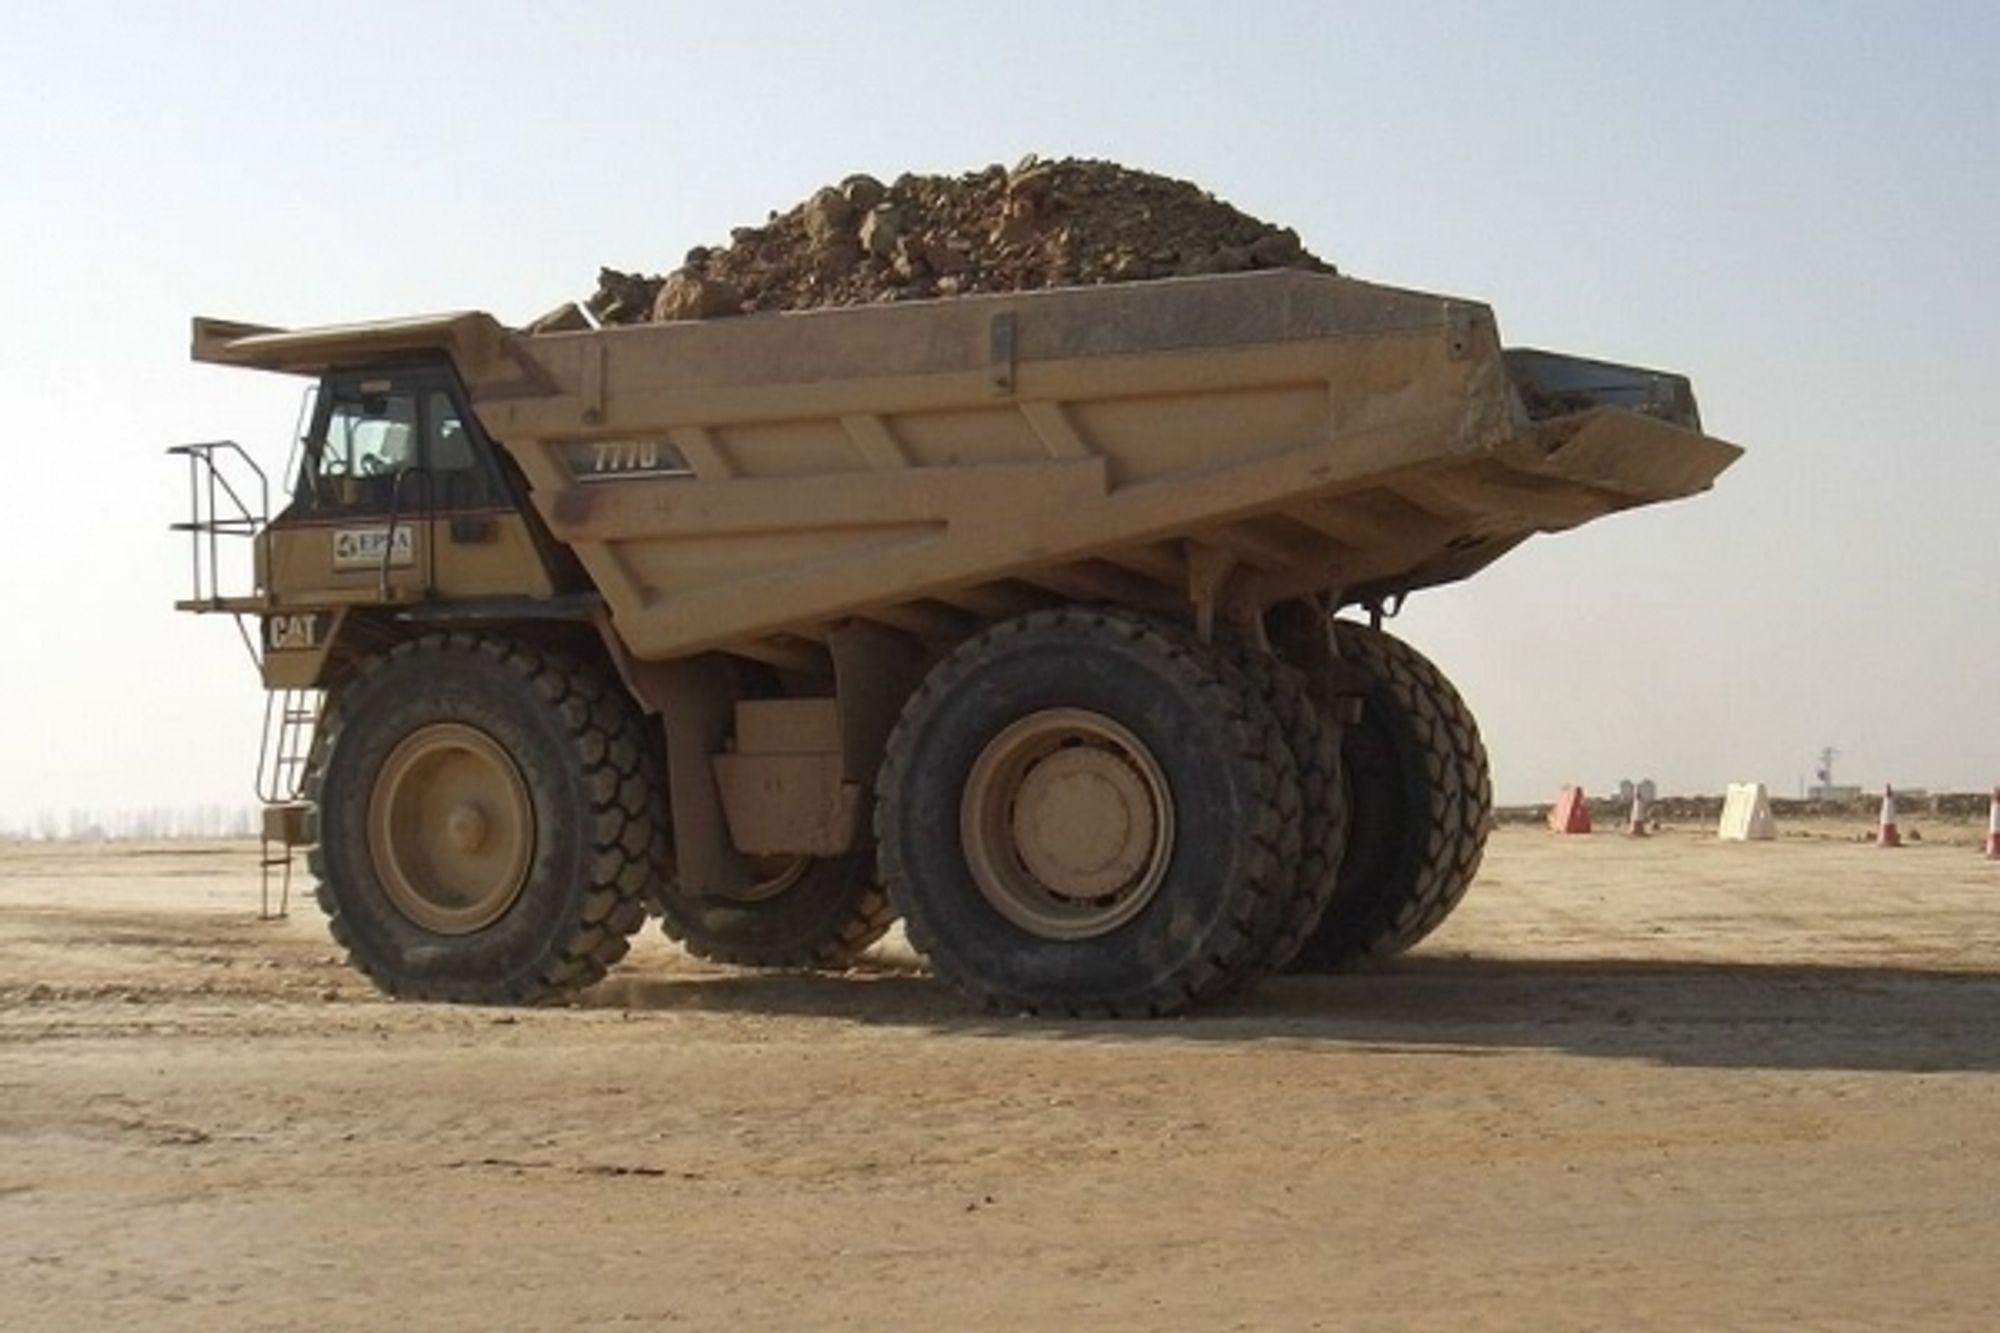 En slik Caterpillar-lastebil kan snart kjøre av seg selv - uten sjåfør.